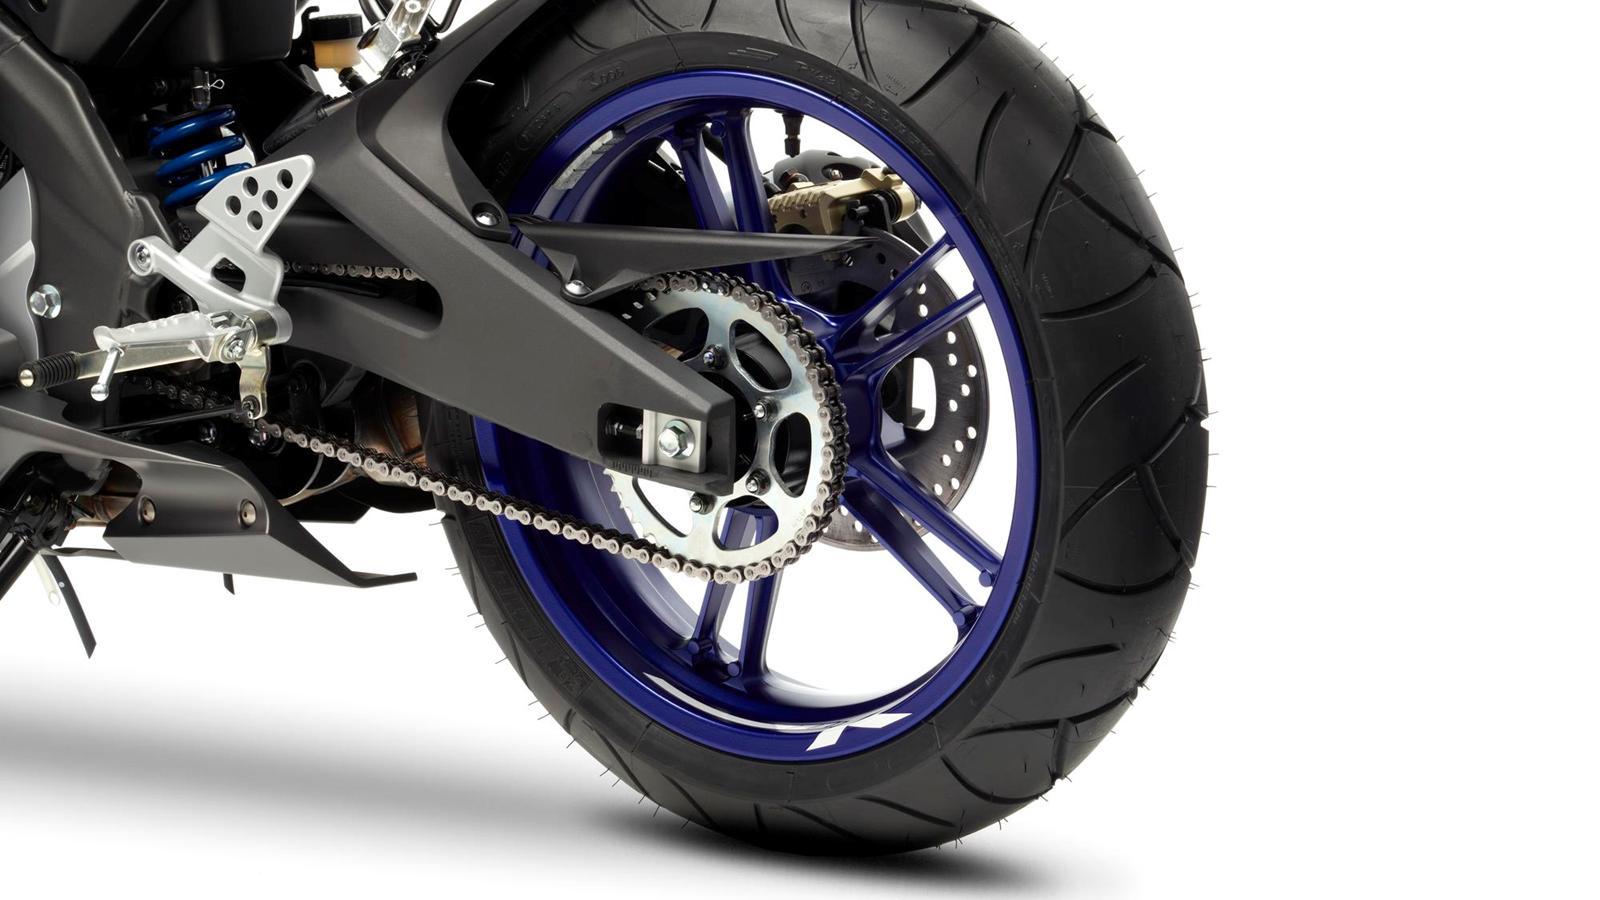 2013-YZF-R125-EU-Race-Blu-Detail-006-osob